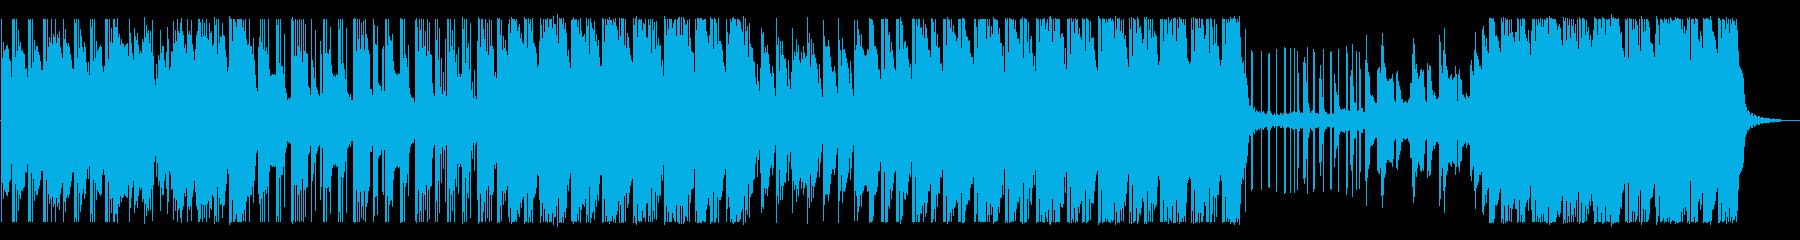 泡が弾けるようなHip-Hop/Beatの再生済みの波形